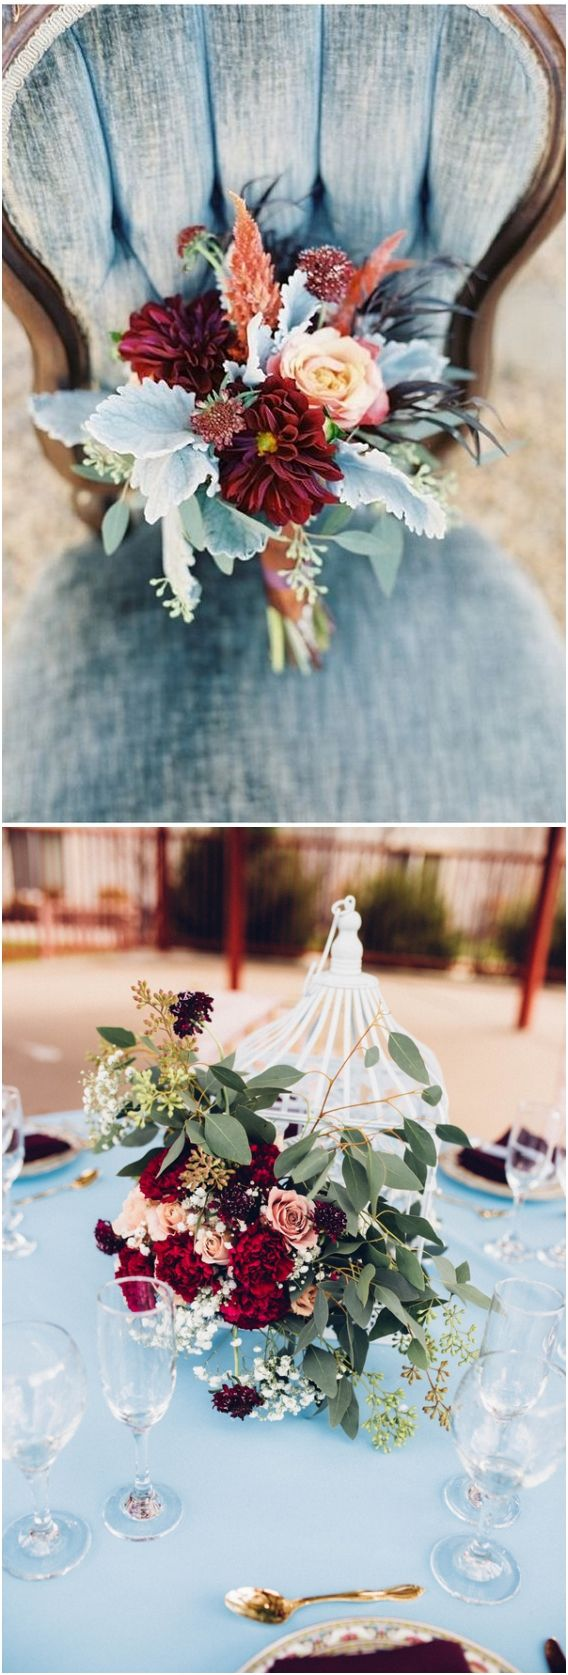 Dusty blue and burgundy wedding color palette idea / http://www.deerpearlflowers.com/dusty-blue-wedding-color-combos/ #weddingcolors #weddingideas #bluewedding #dustyblue